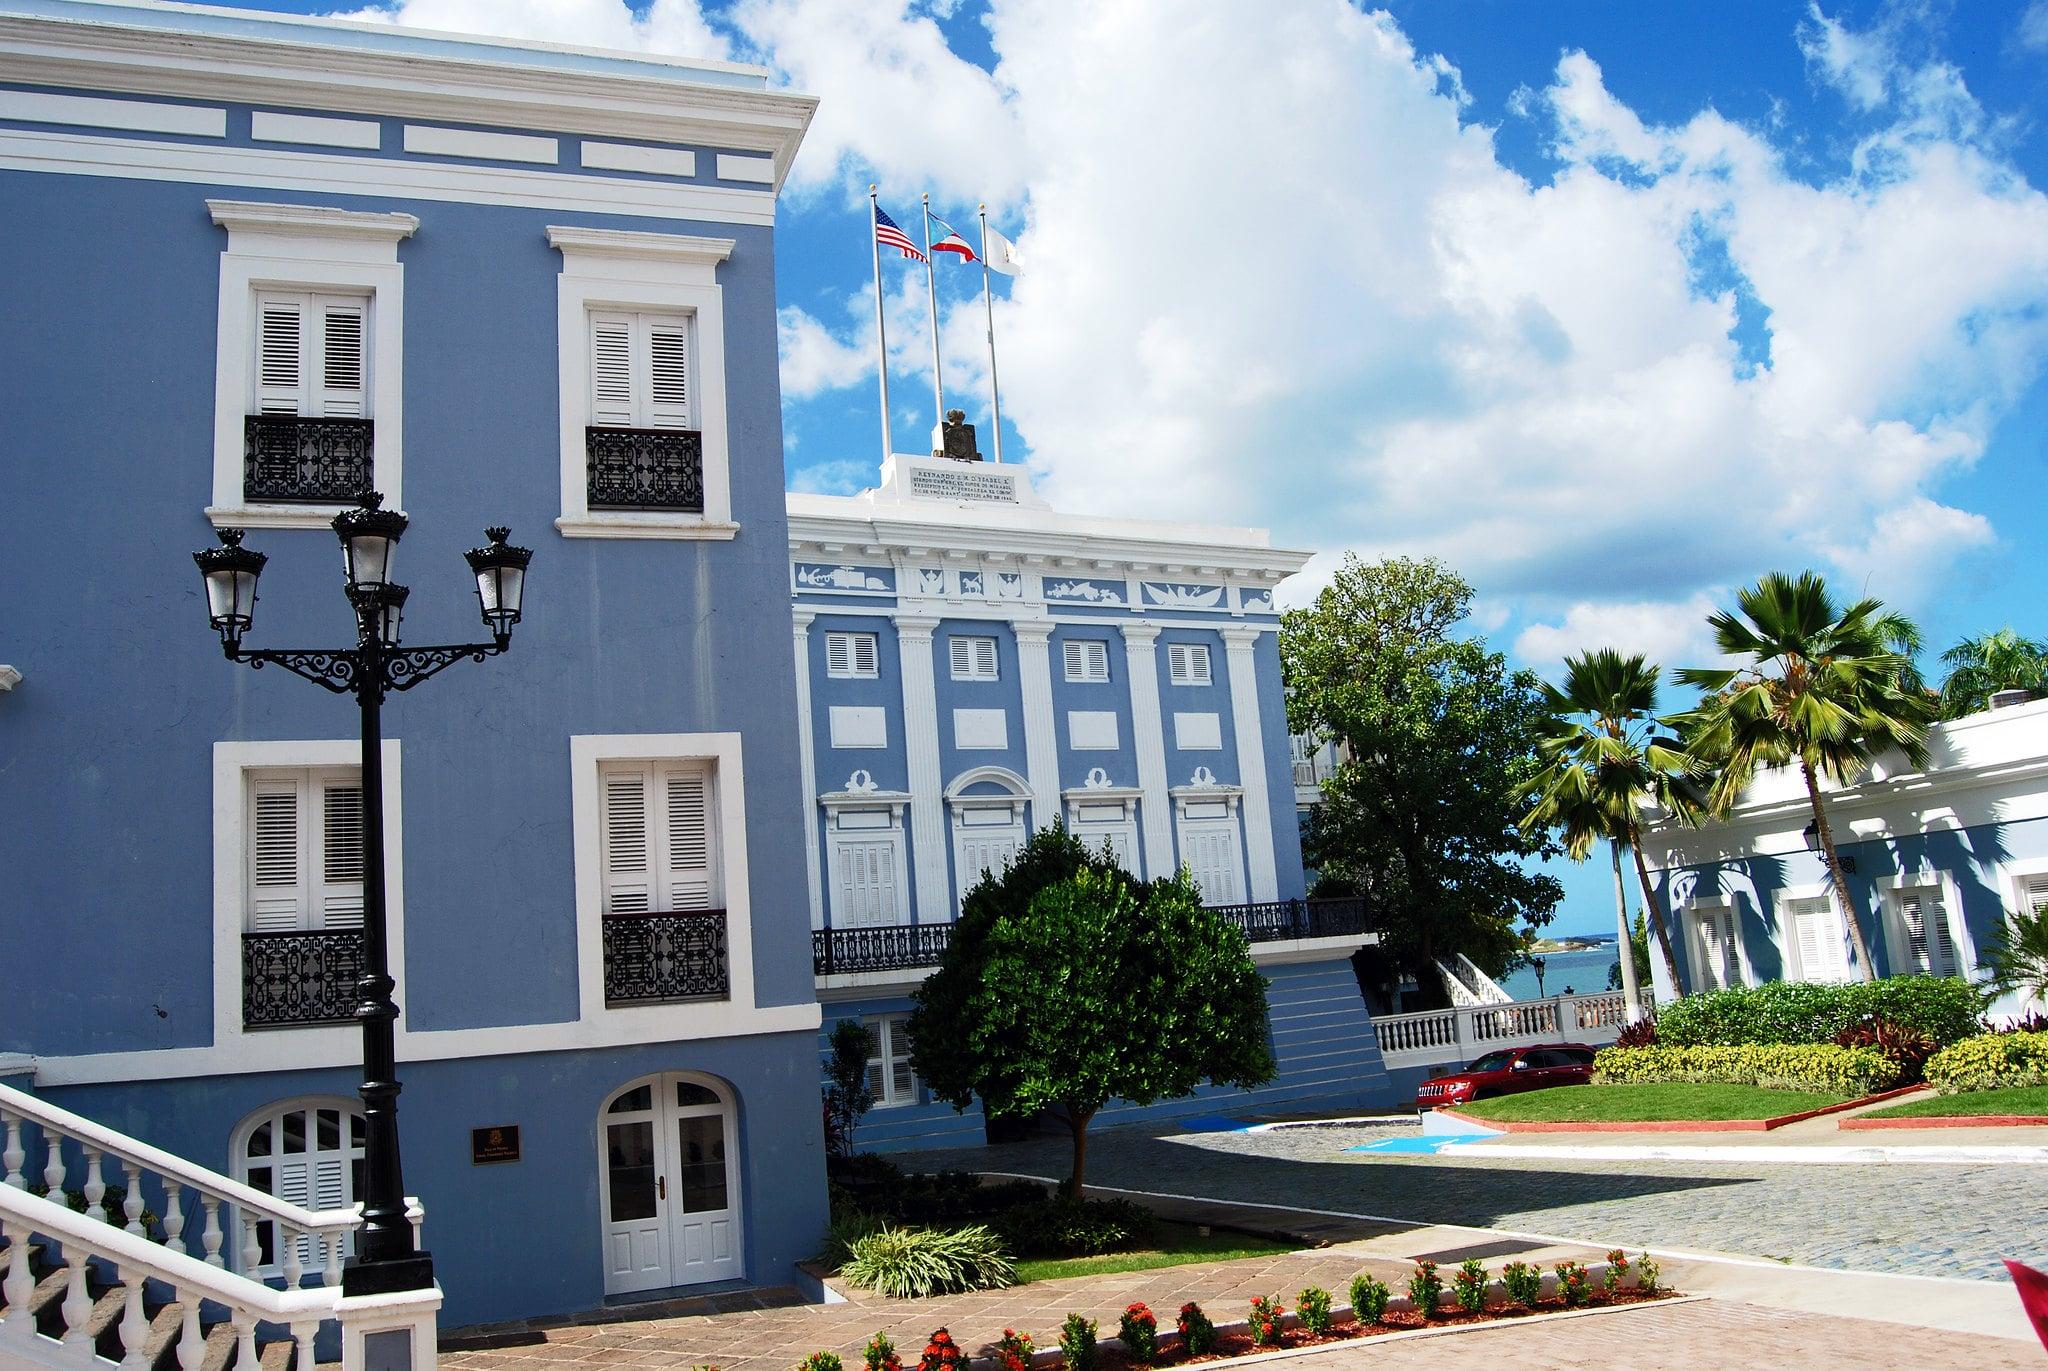 La Fortaleza is a top Puerto Rico landmark